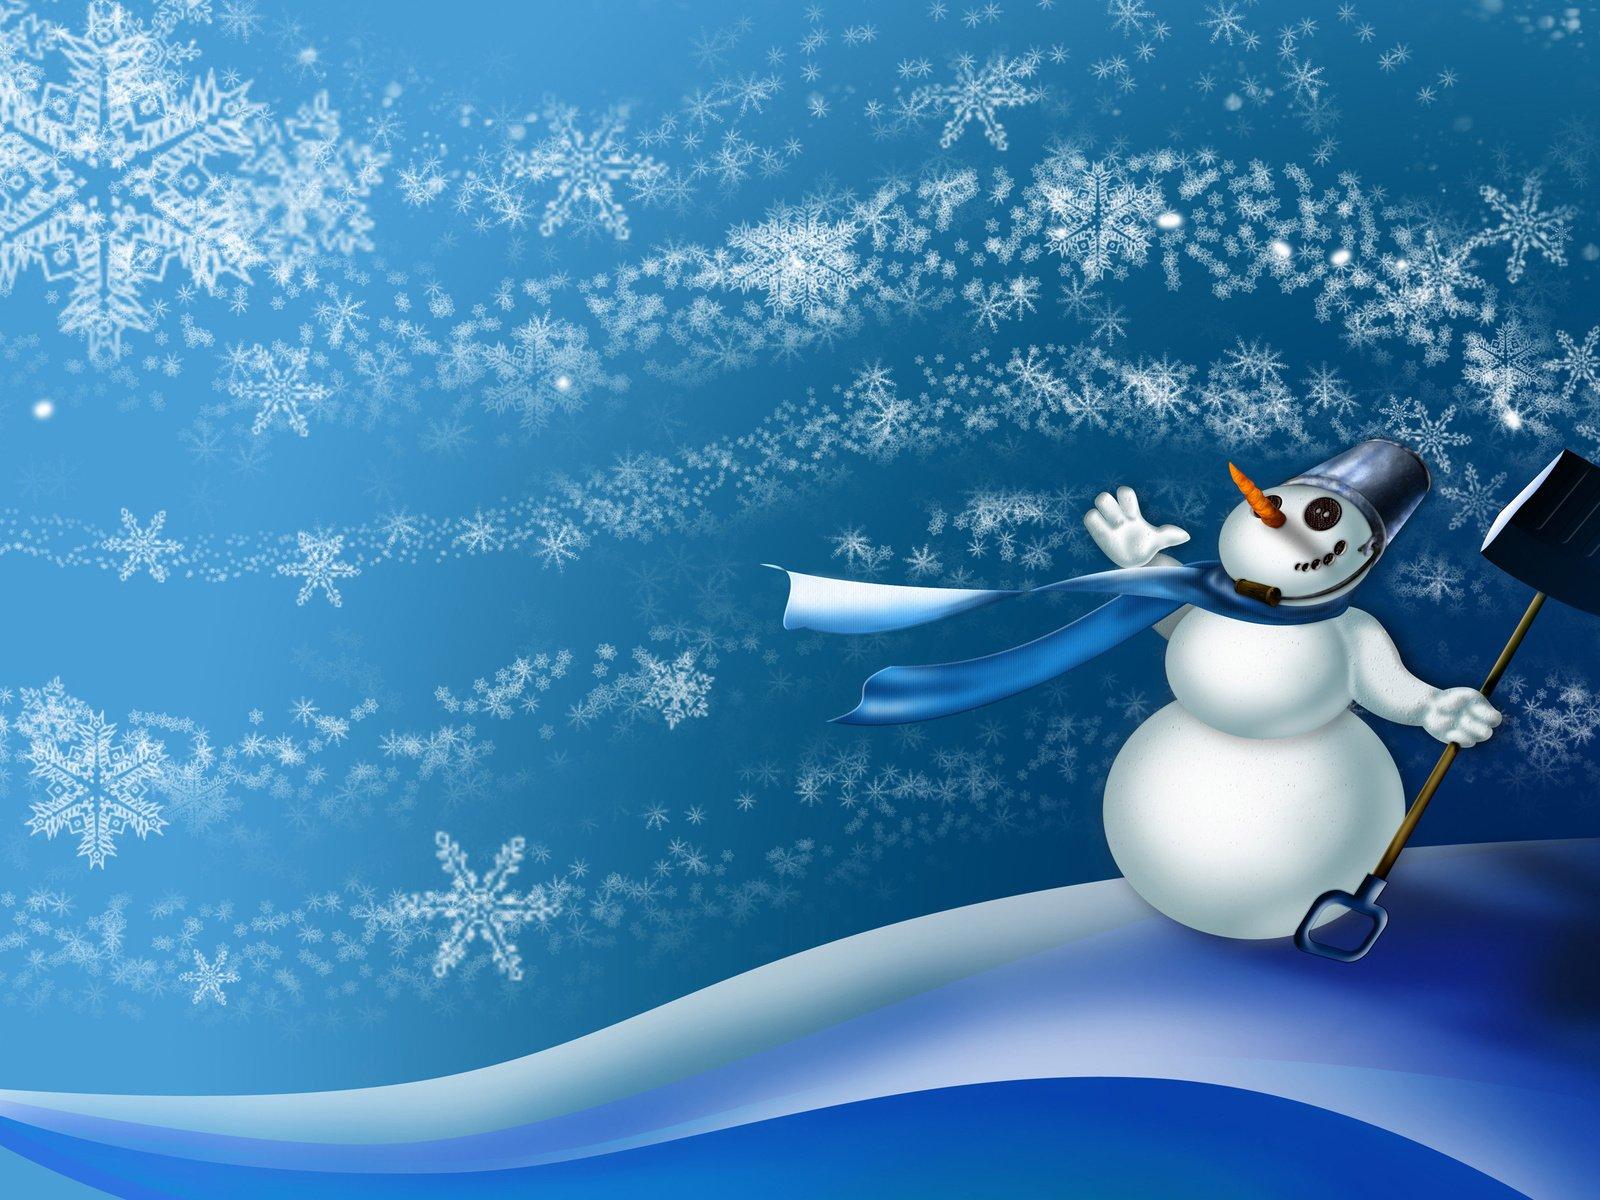 Высказываниями мудрых, снежные открытки новый год